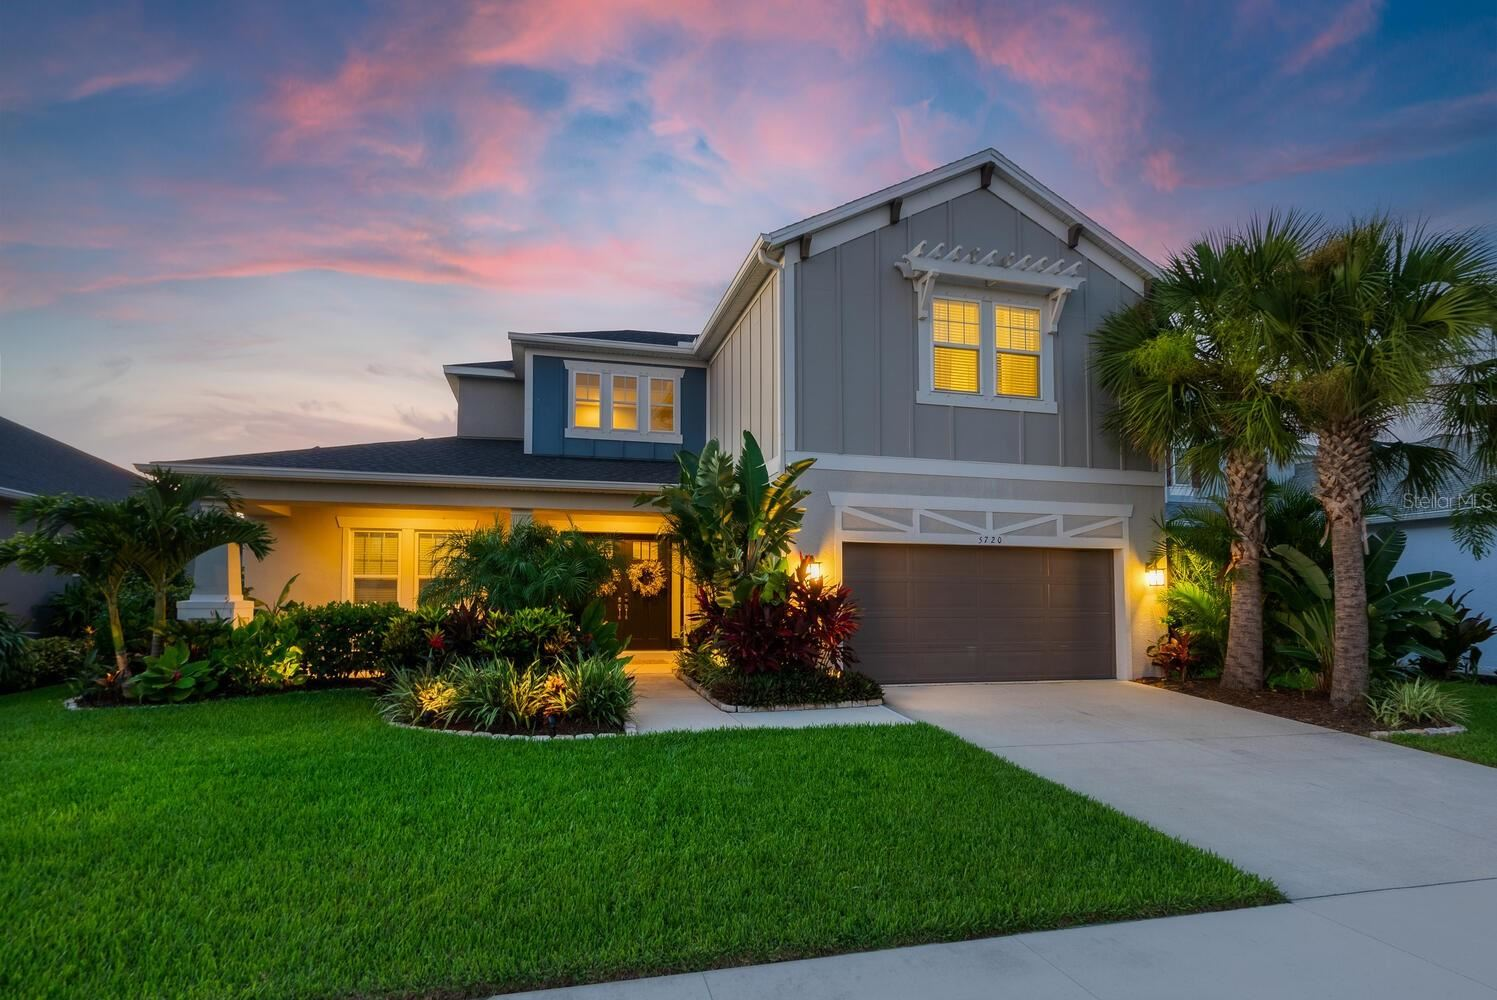 5720 AUTUMN FERN CIRCLE, Sarasota, FL 34238 - #: A4506020